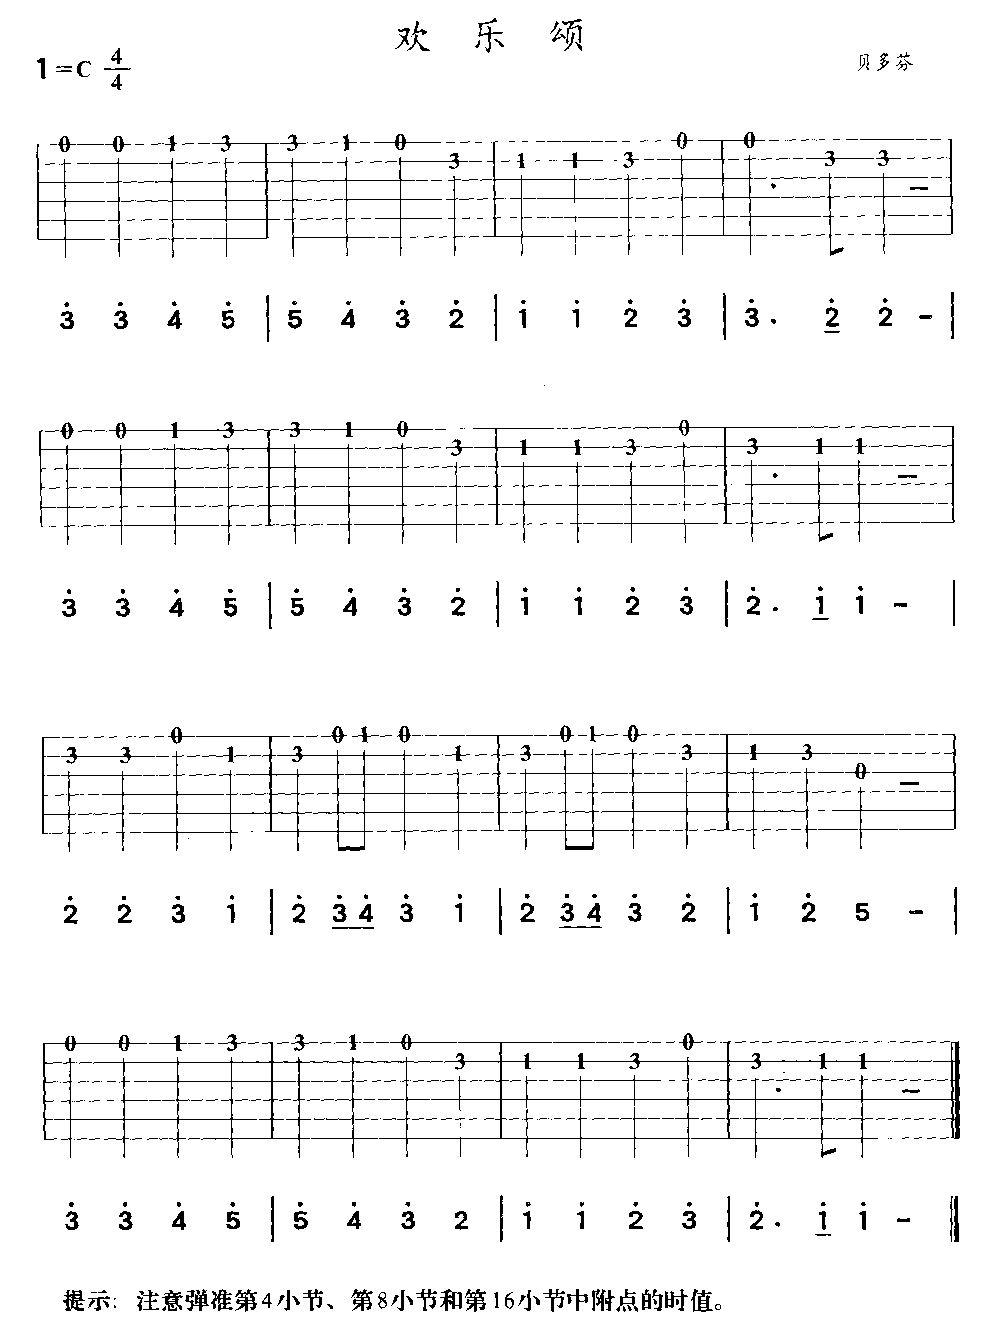 欢乐颂的吉他谱